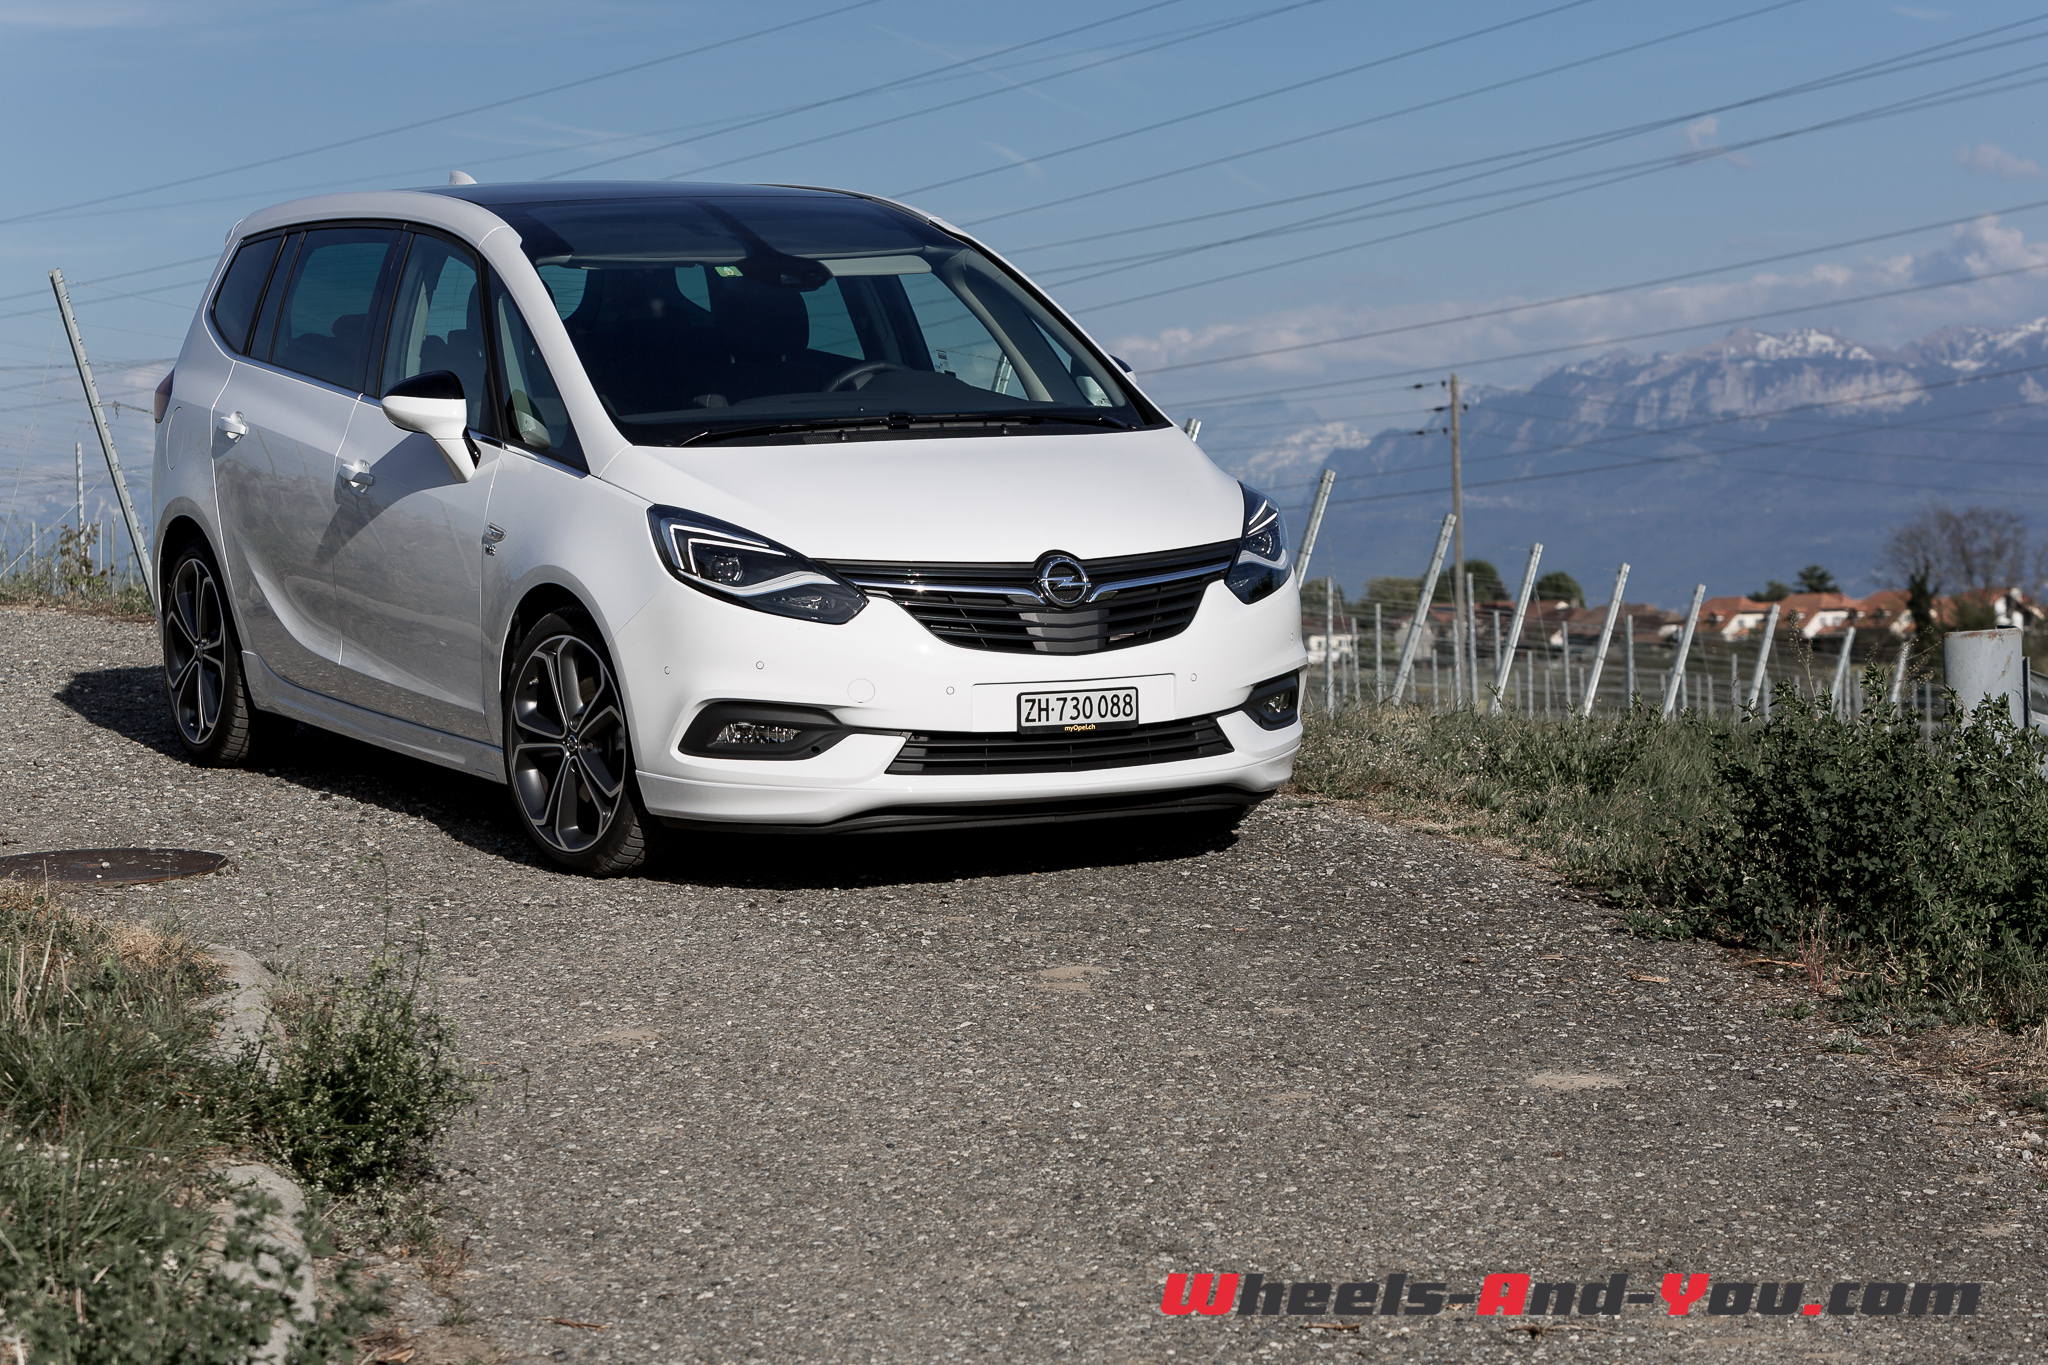 Essai Opel Zafira 1 6 Ecotec Un Nouveau Z Pour Le Blitz Wheels